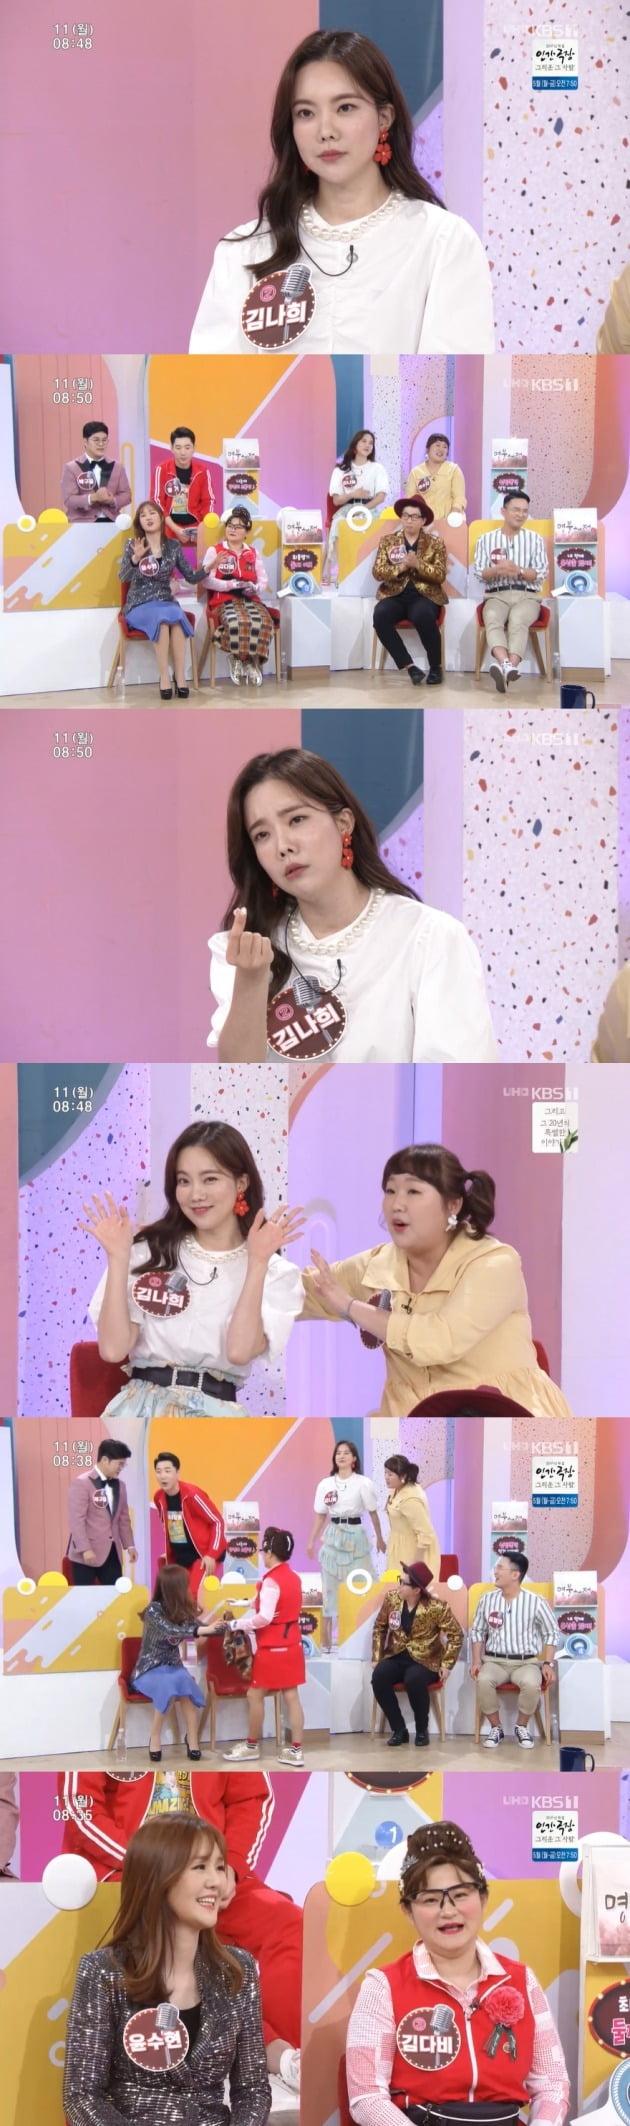 '아침마당' 명불허전 개가수 특집 / 사진=KBS2 방송 캡처